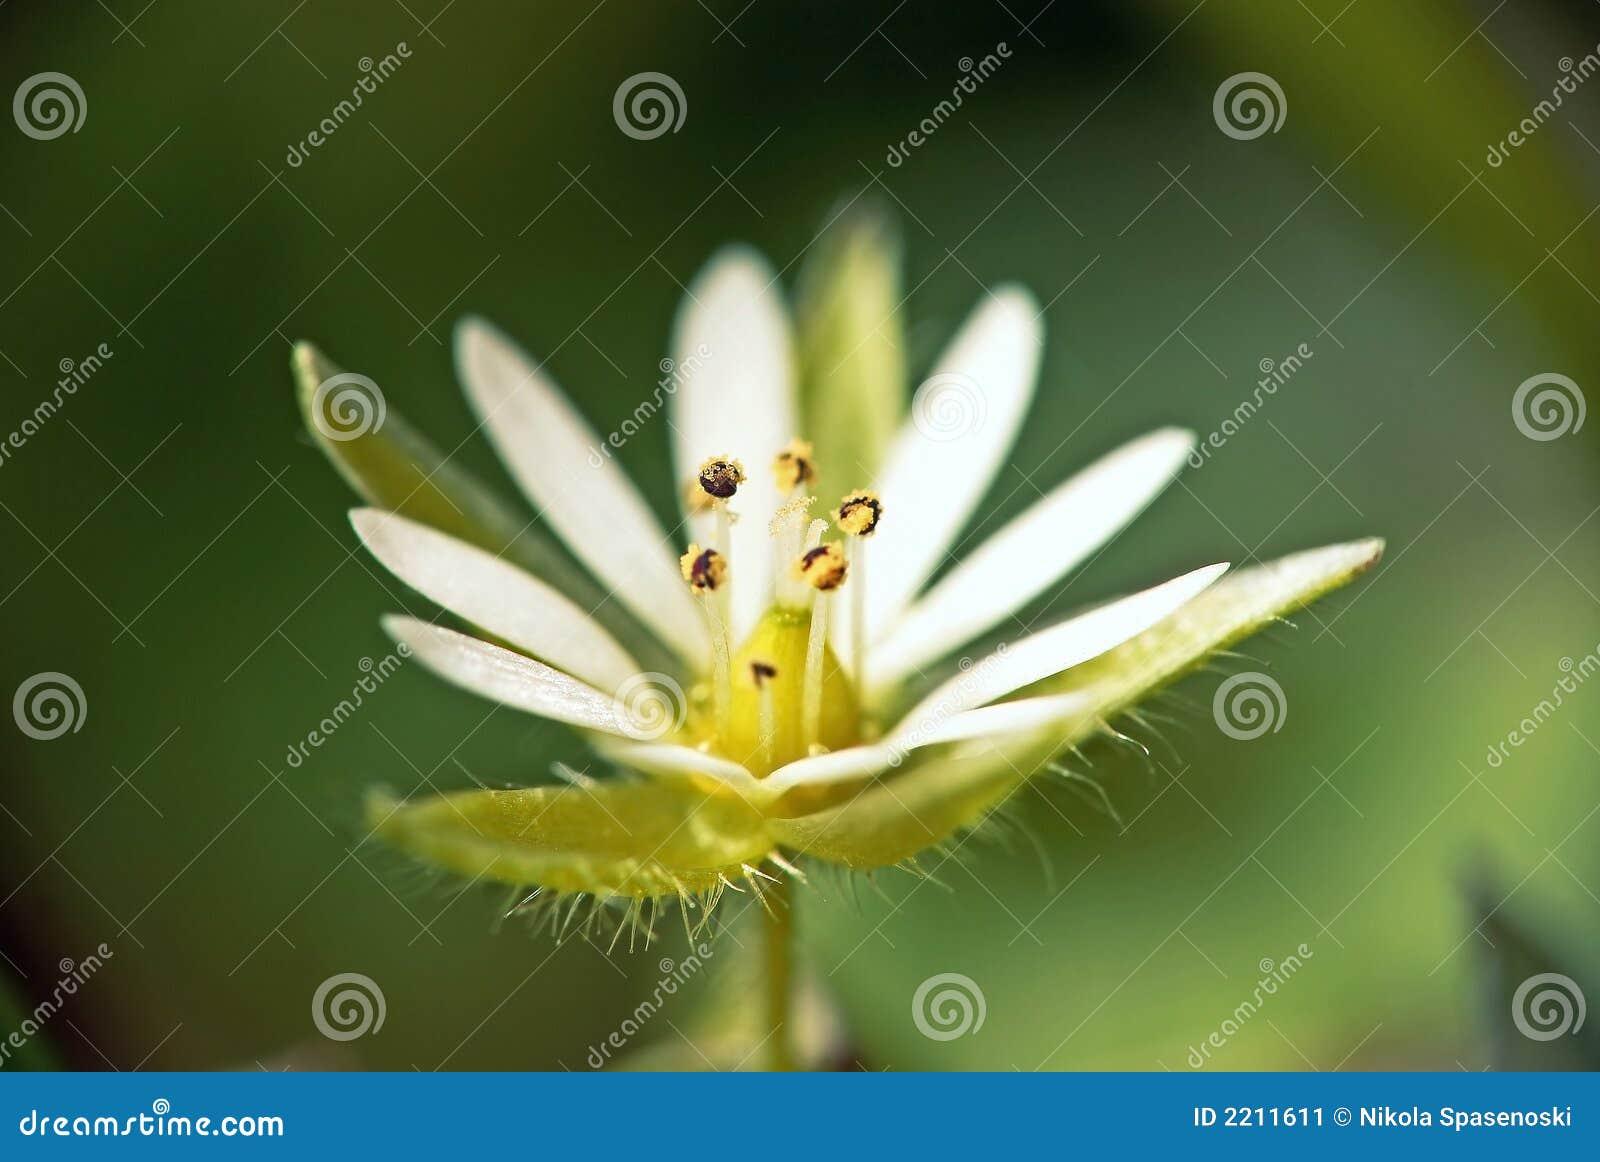 Macro fleur blanche